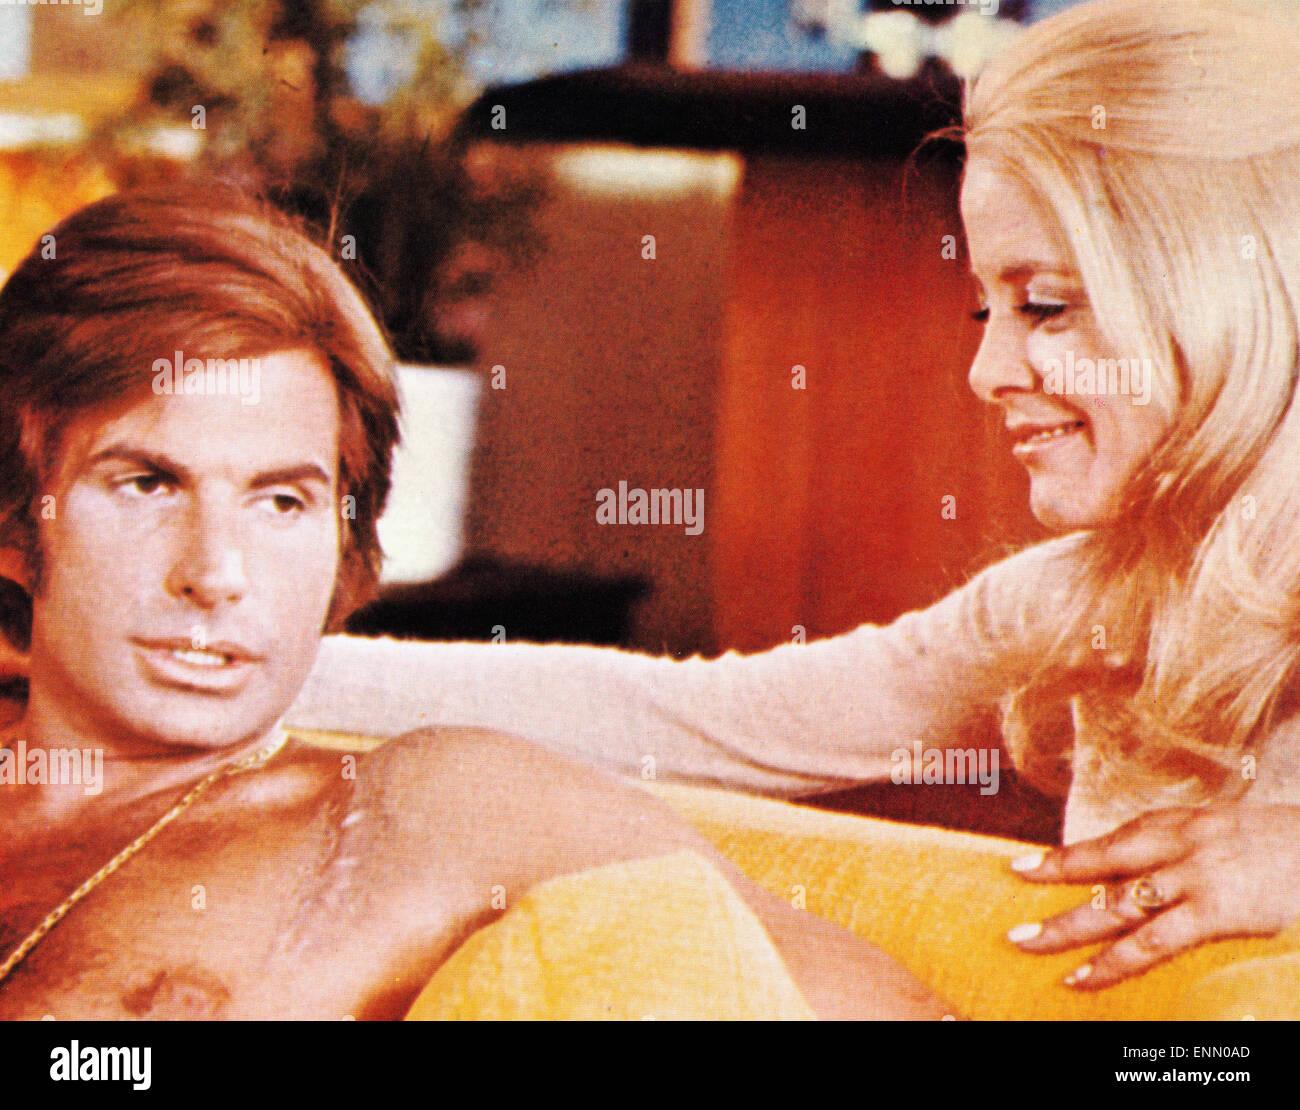 Evel Knievel, USA 1971, Regie: Marvin J. Chomsky, Darsteller: George Hamilton, Sue Lyon - Stock Image